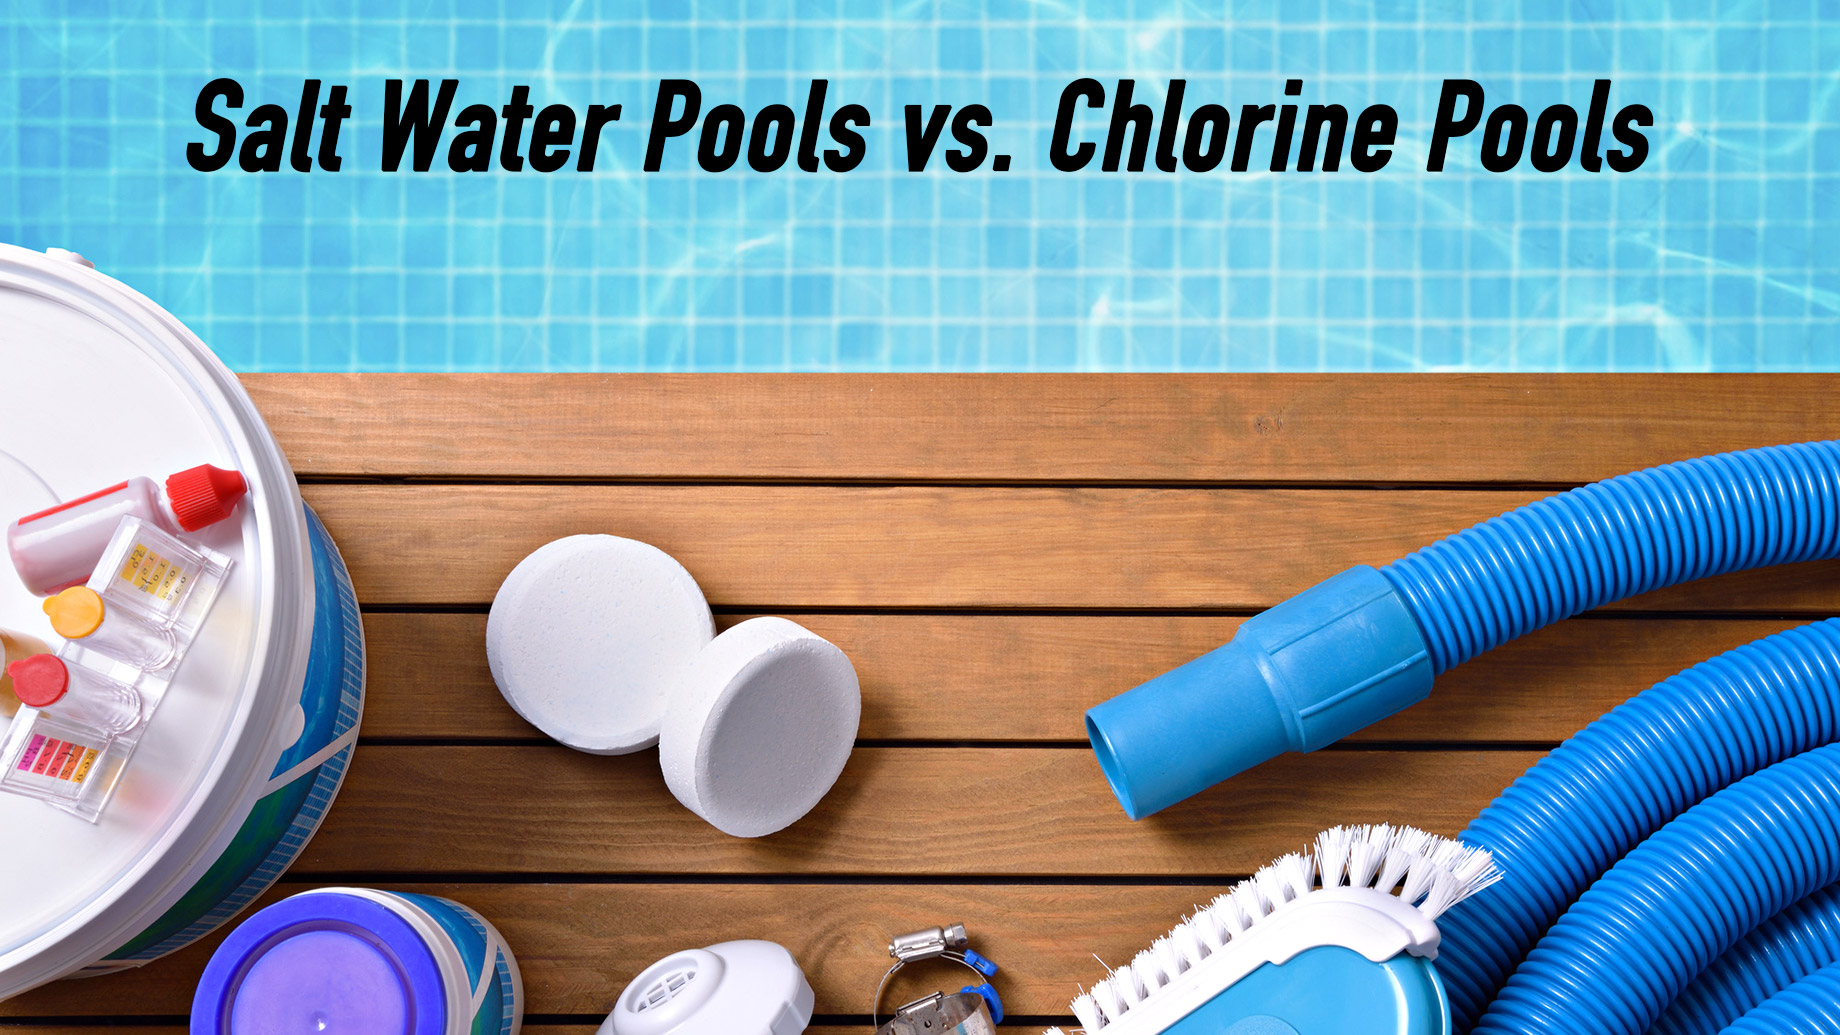 Diving Into The Debate - Salt Water Pools vs. Chlorine Pools